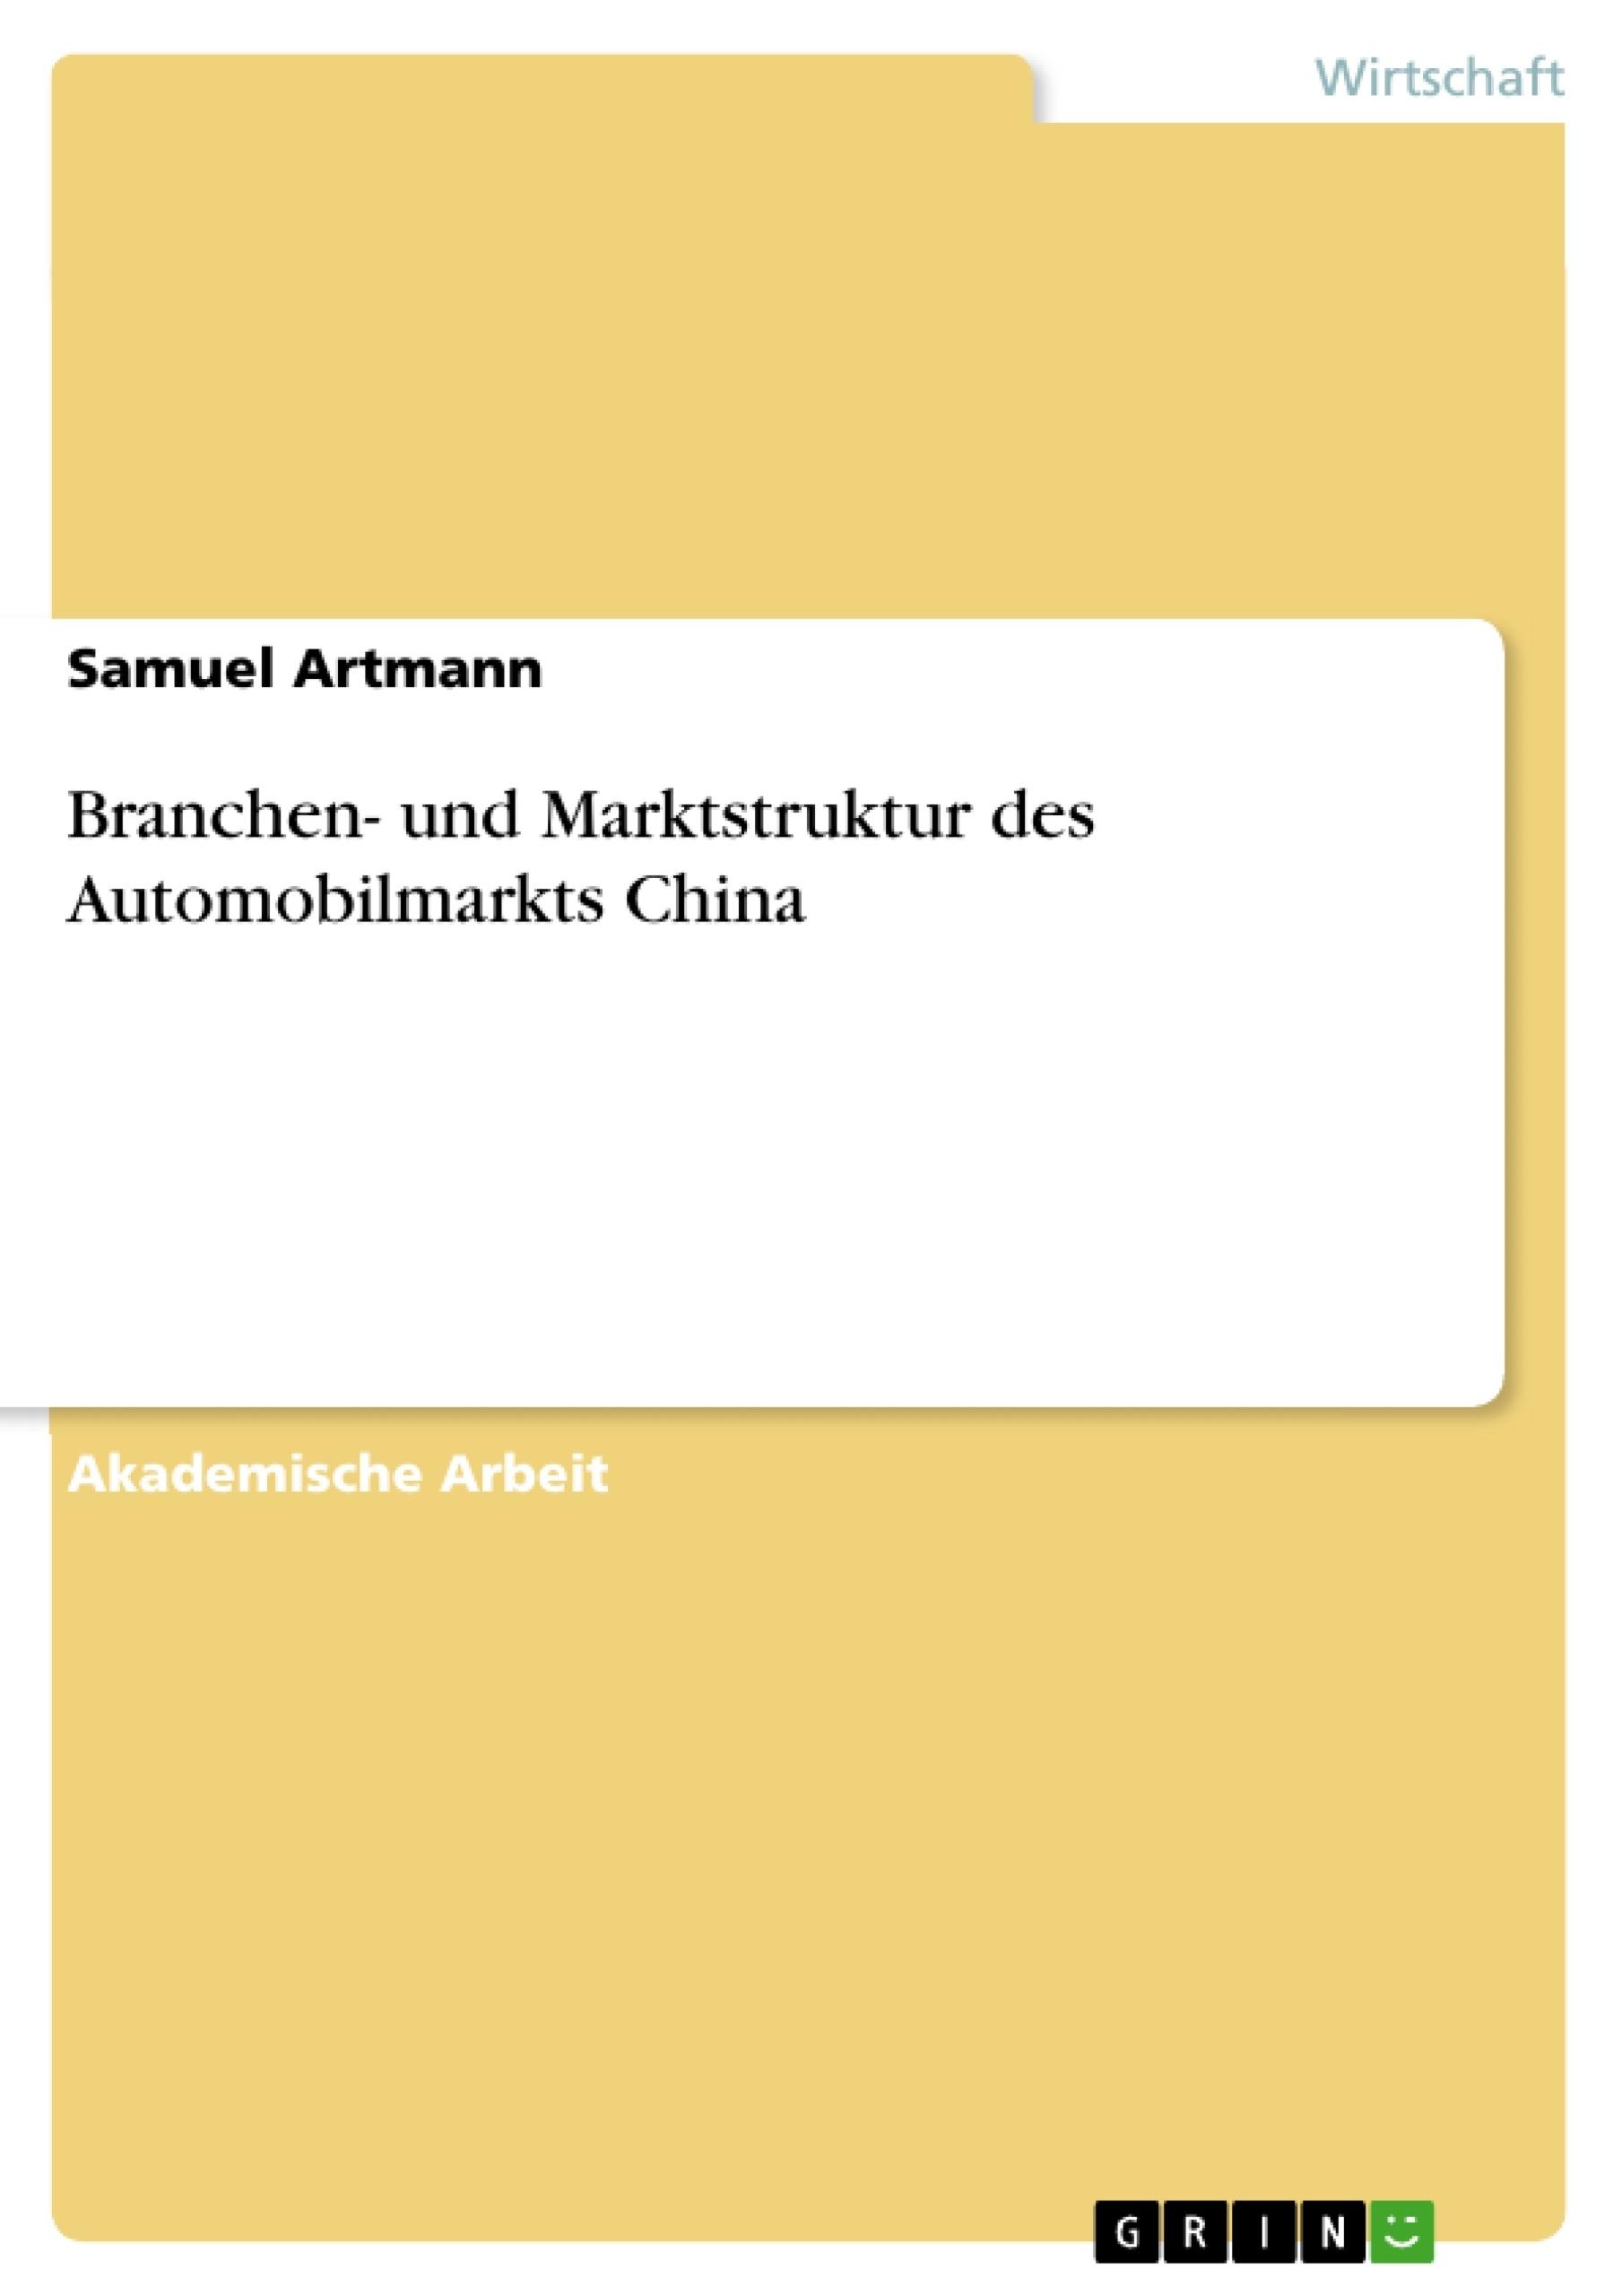 Titel: Branchen- und Marktstruktur des Automobilmarkts China